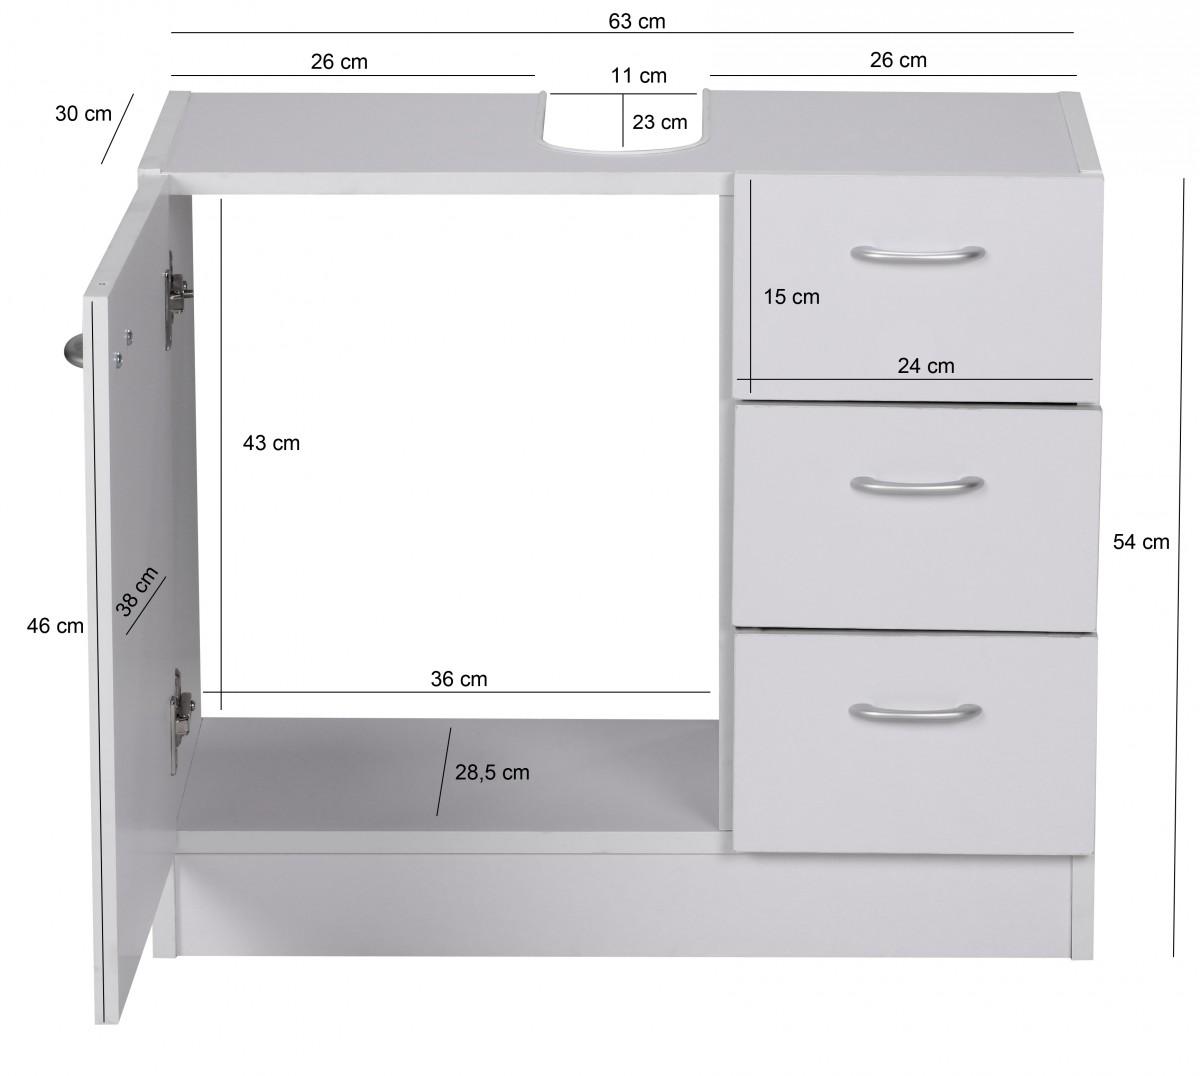 FineBuy Waschbecken-Unterschrank 54 x 63 x 30 cm weiß mit 1 Tür und ...